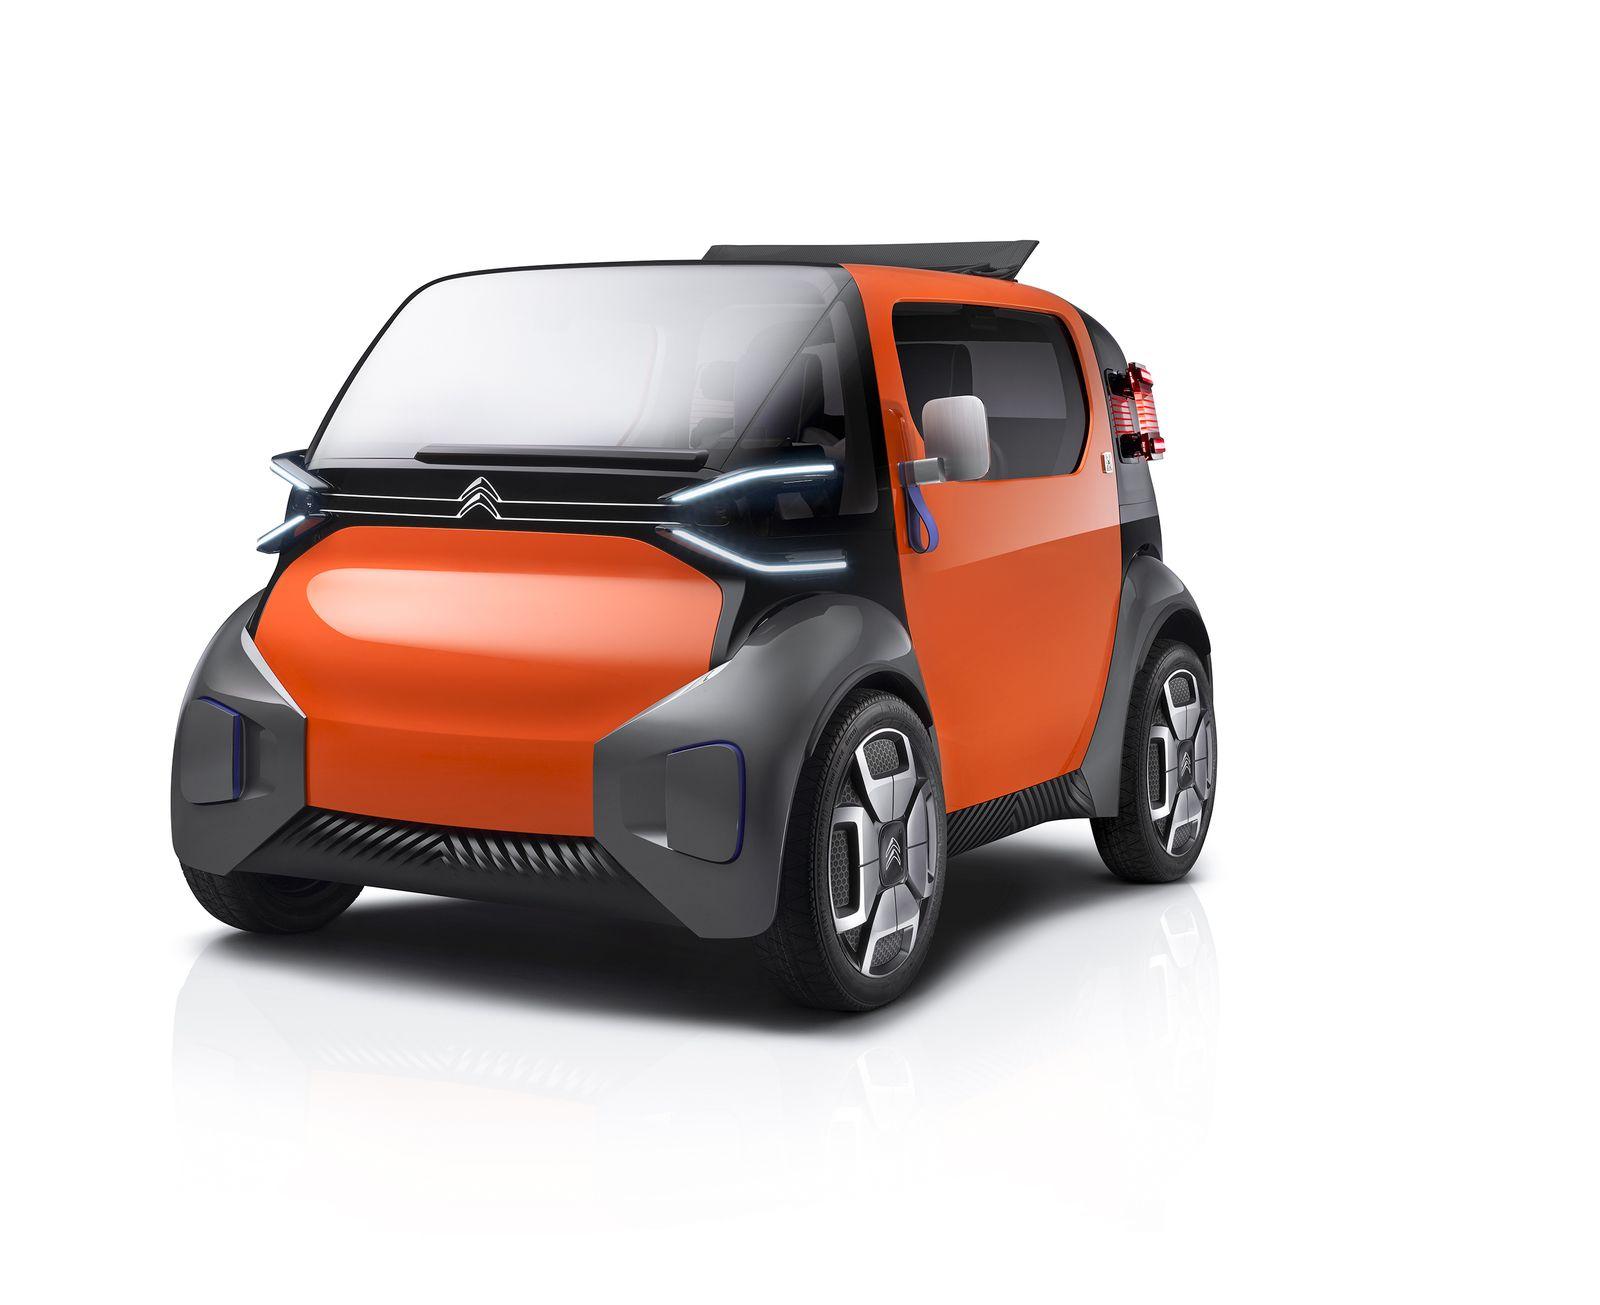 Citroën AMI One sarà la più brutta ma potenzialmente più rivoluzionaria auto elettrica del Salone di Ginevra 1